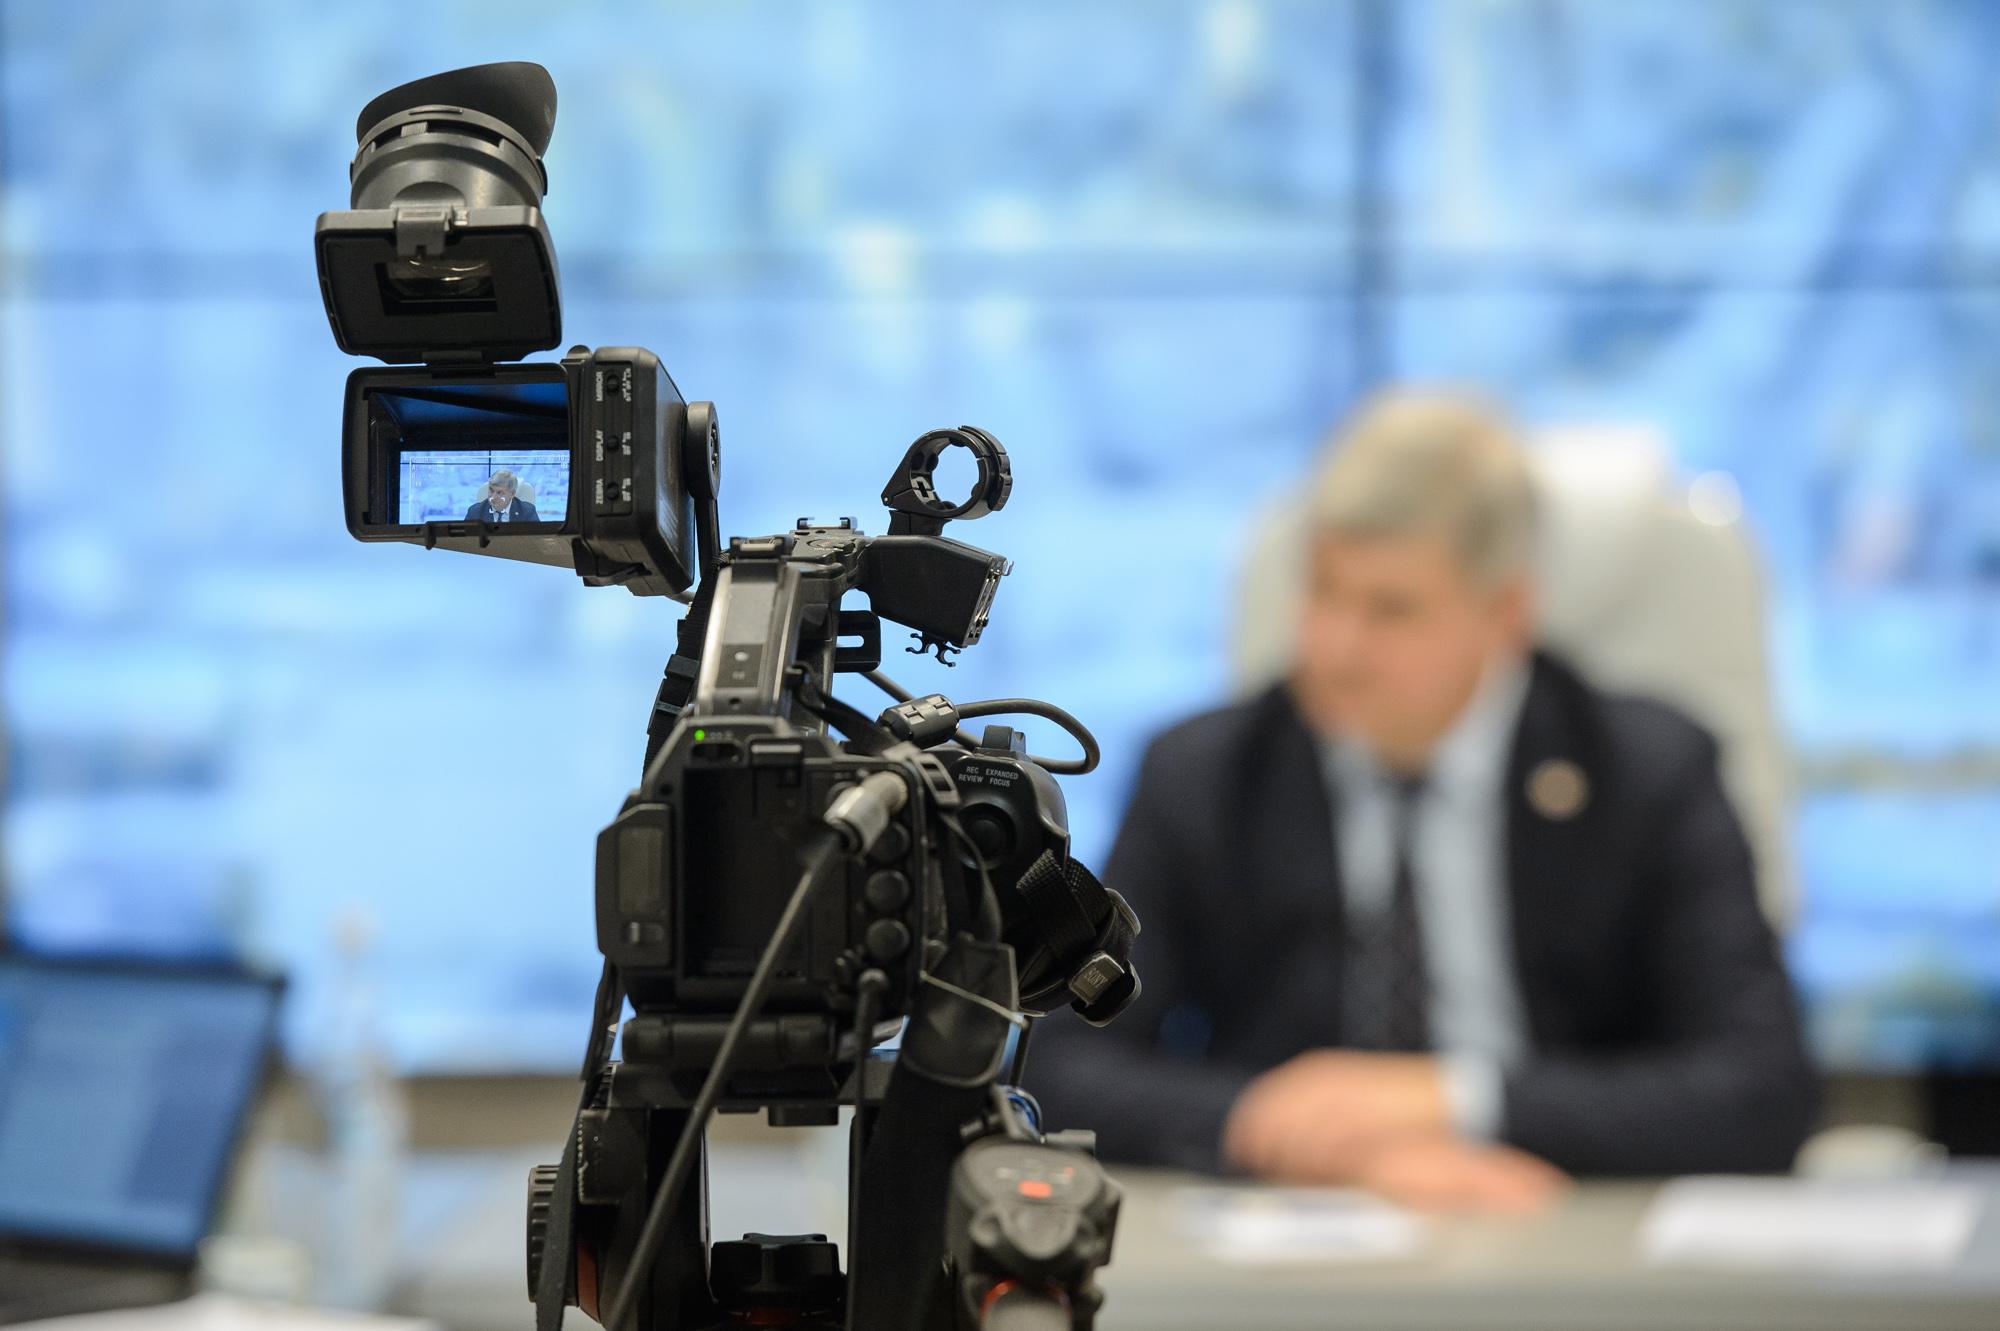 Петличные микрофоны активно применяются во время интервьюирования